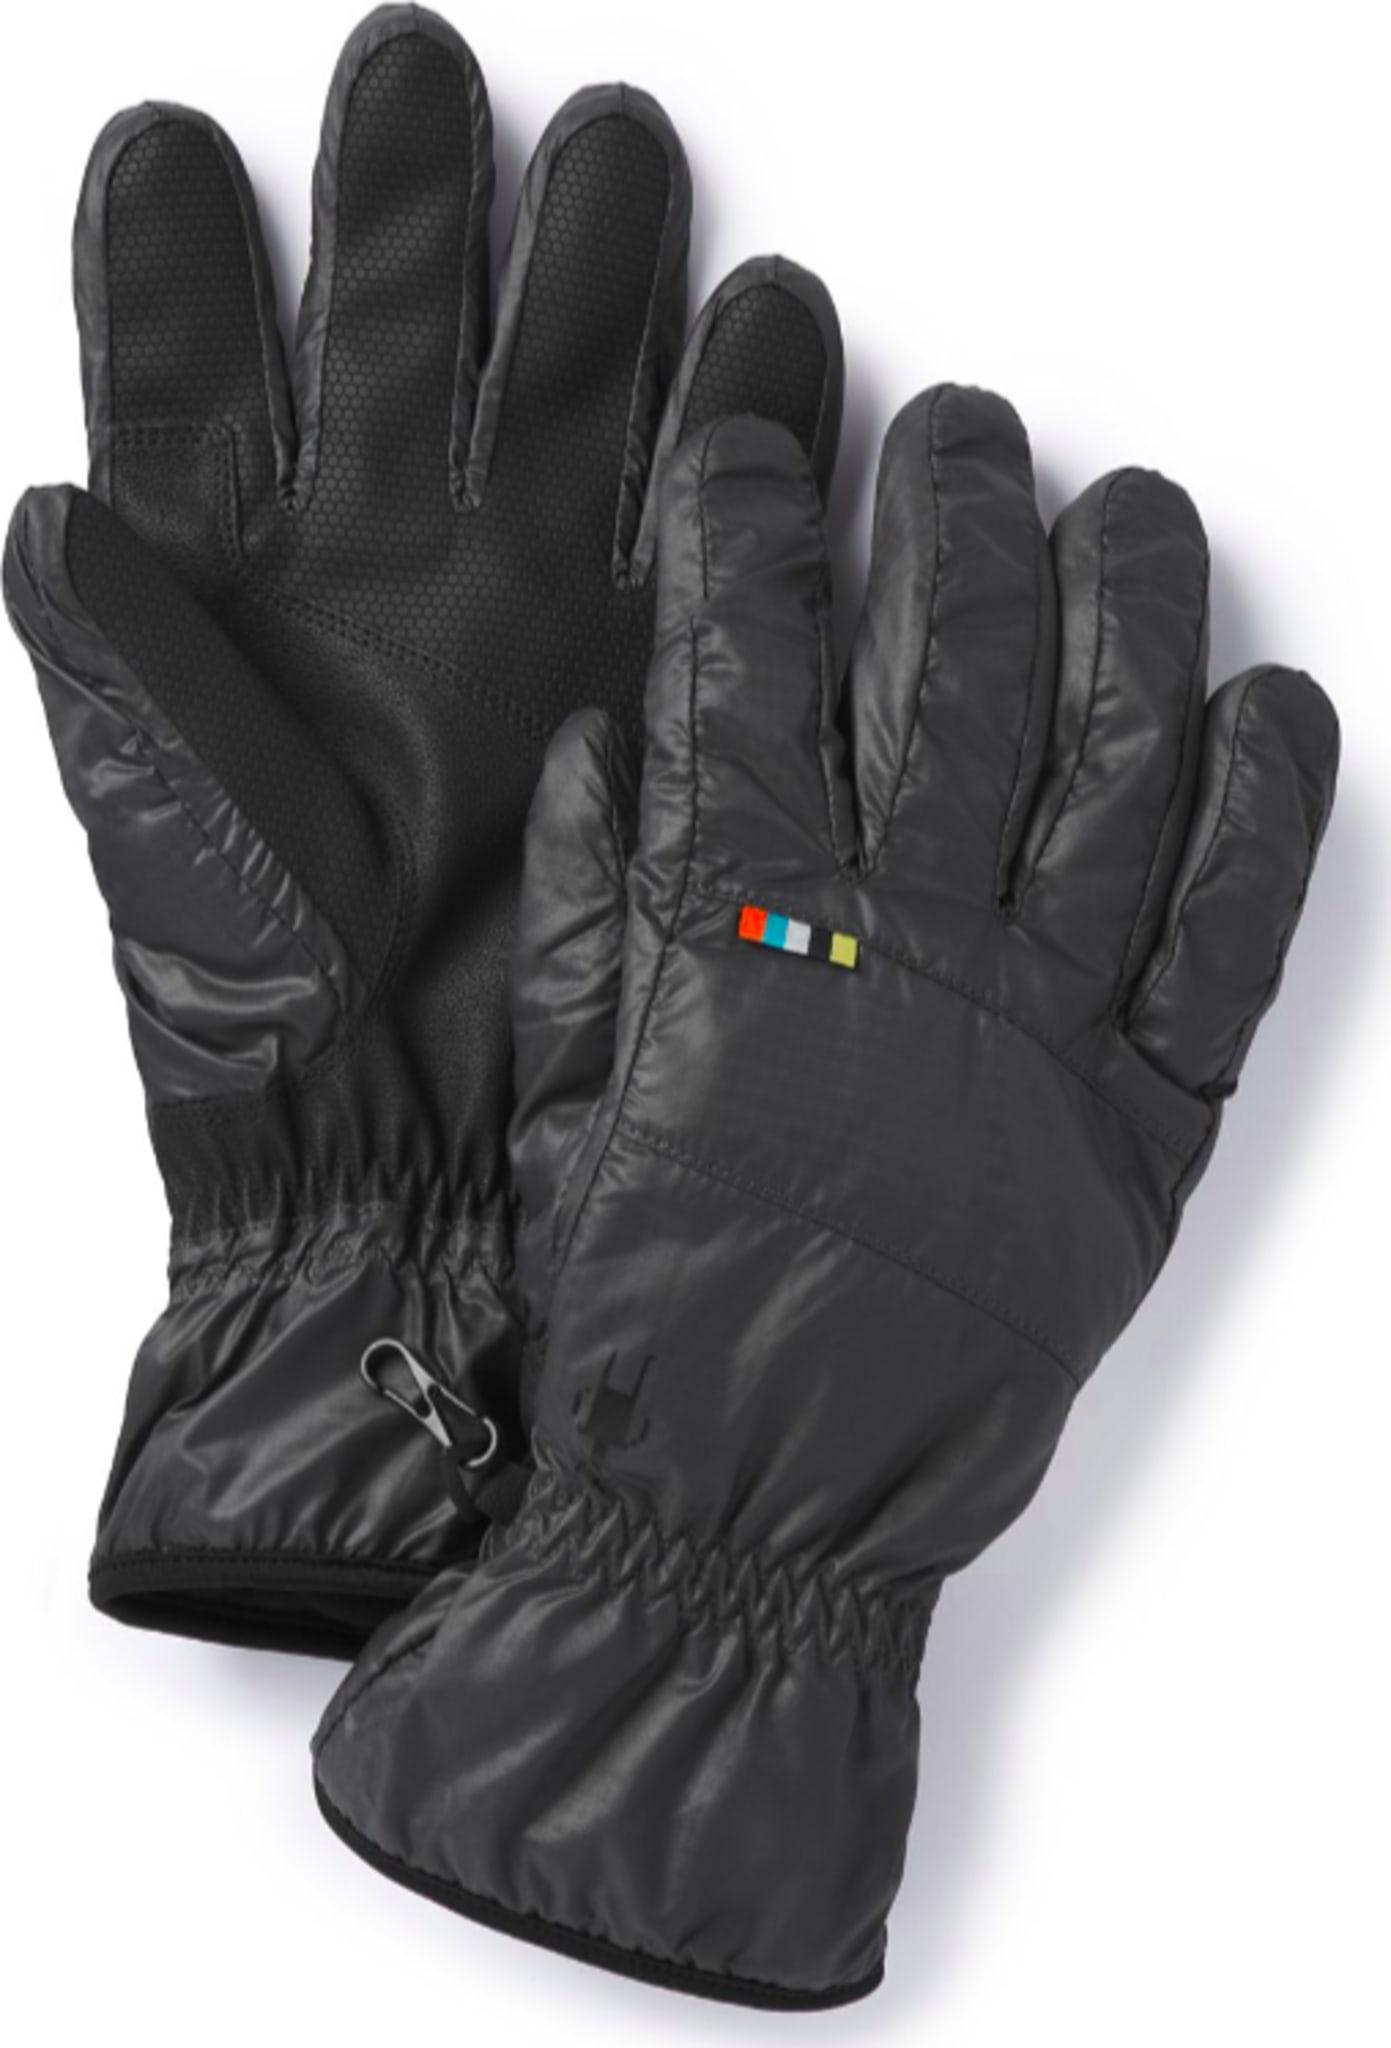 185f8933 Lette, myke og vrme hansker med ullisolasjon